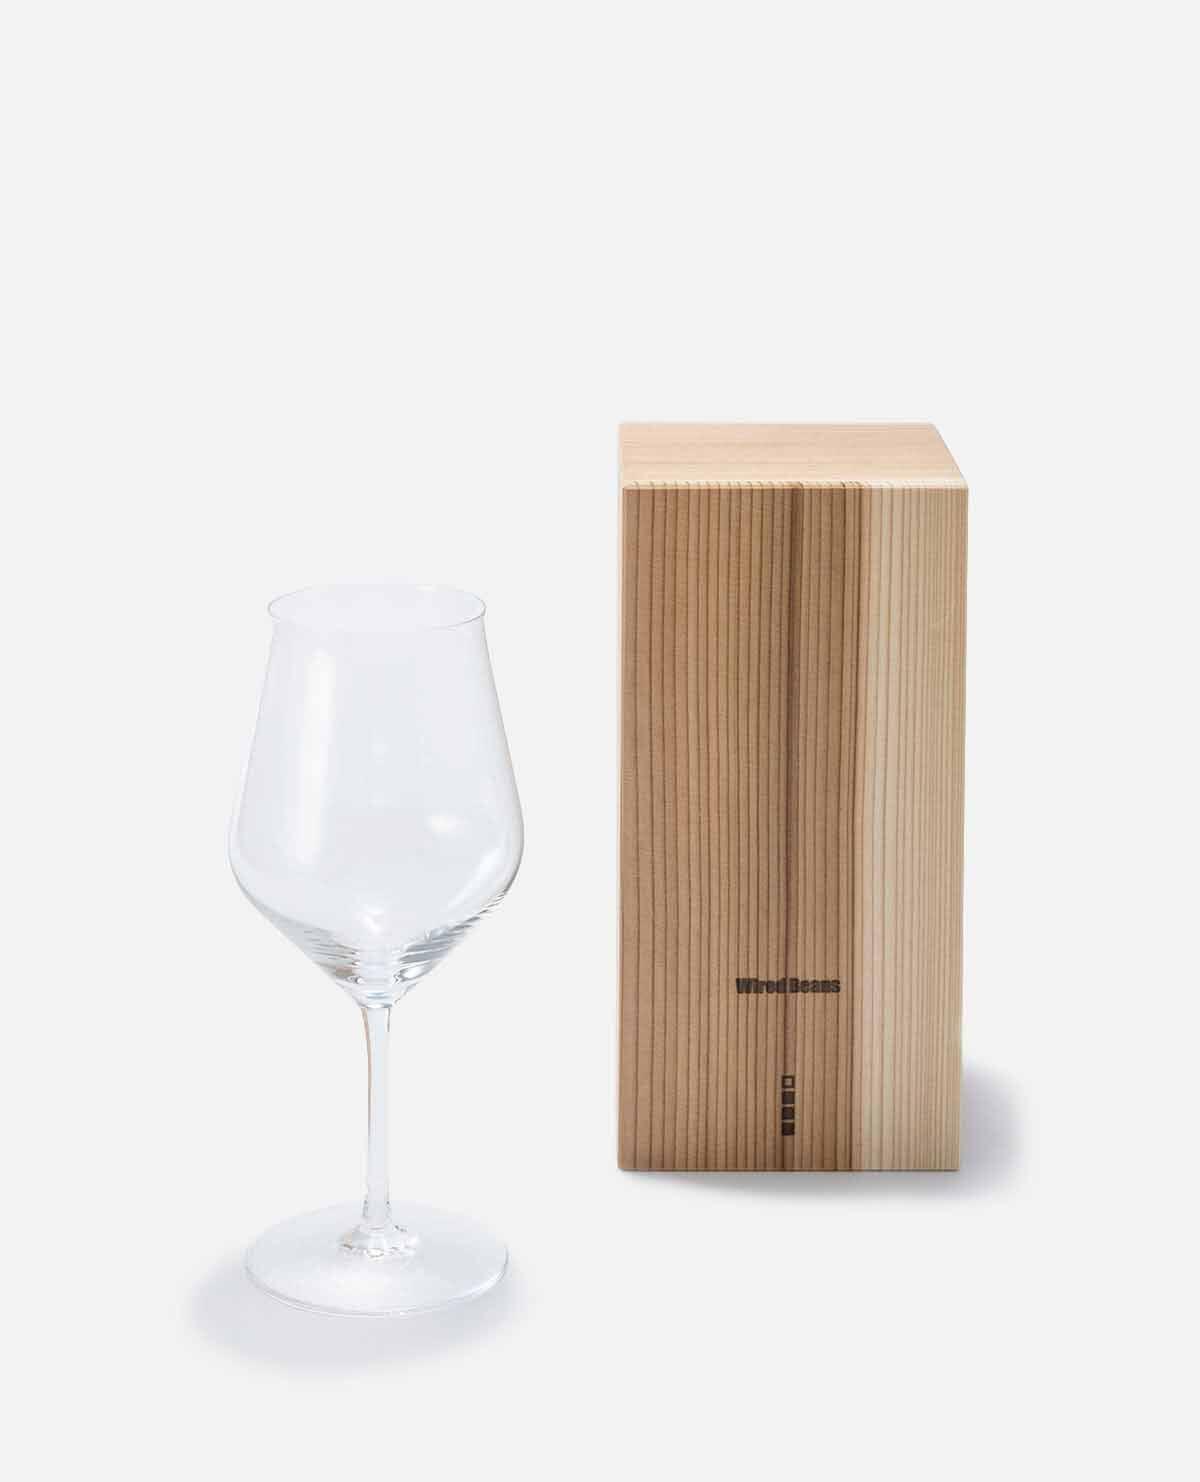 生涯を添い遂げるグラス ワイングラス ボルドーk